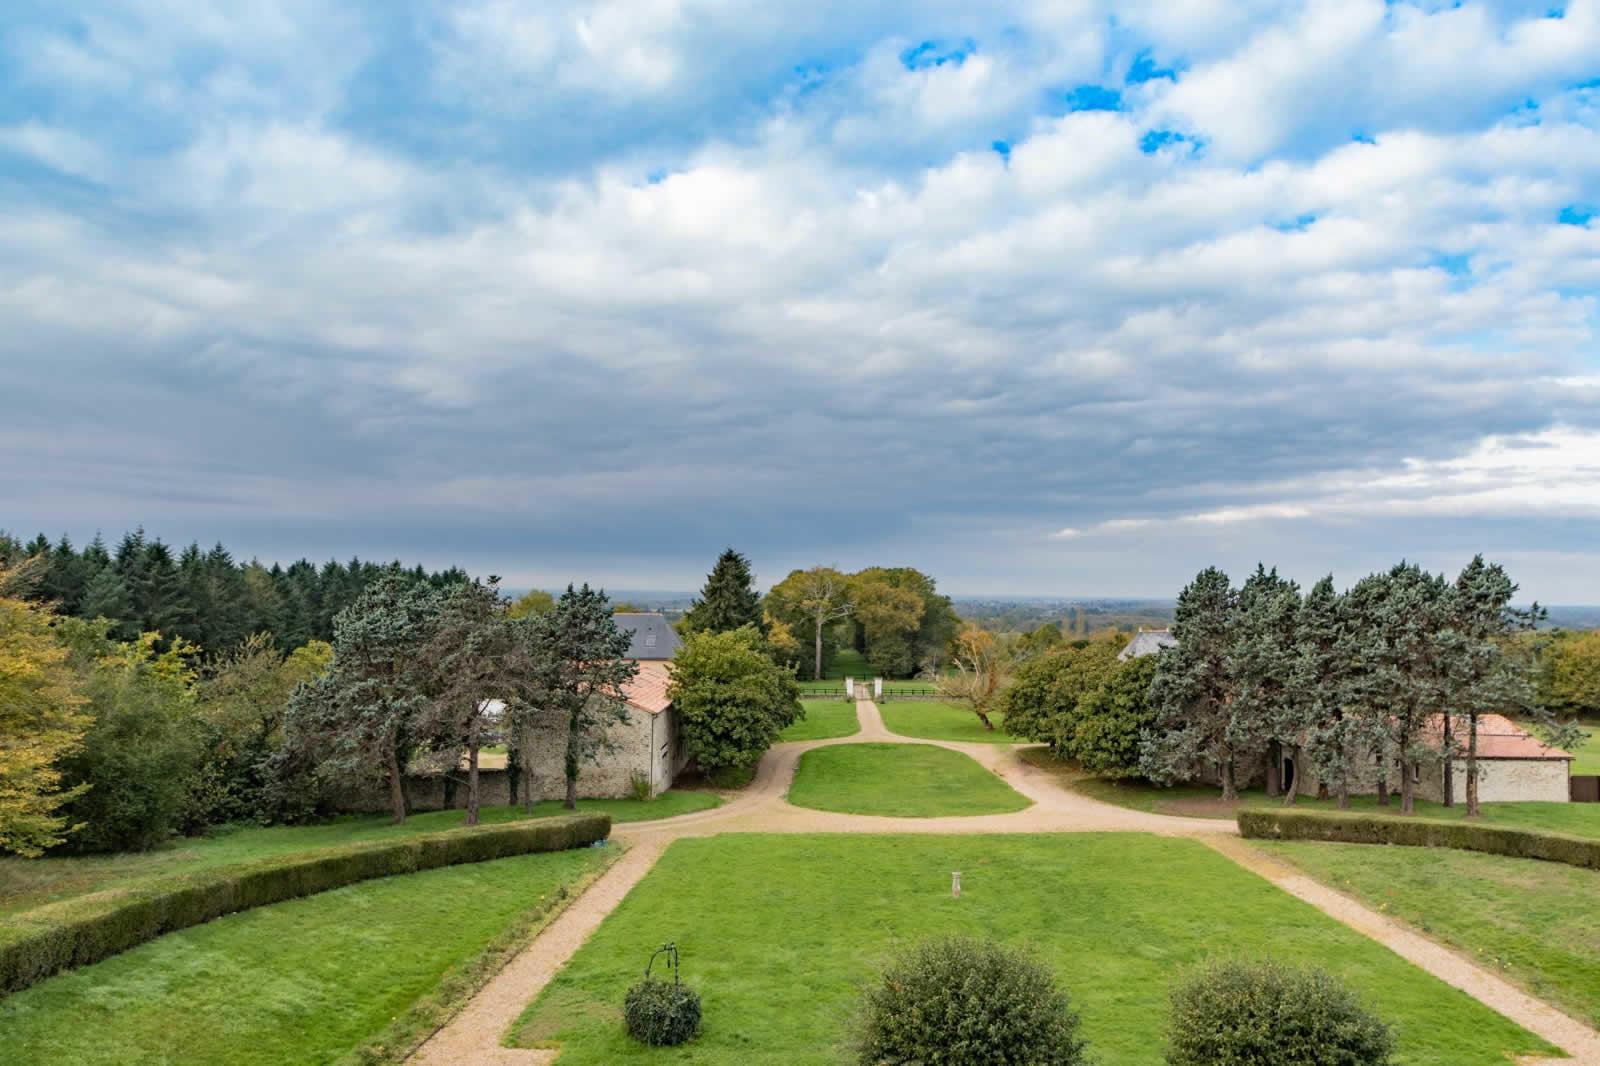 magnifique-chateau-terrain-boise-a-vendre-parc-etang-piscine